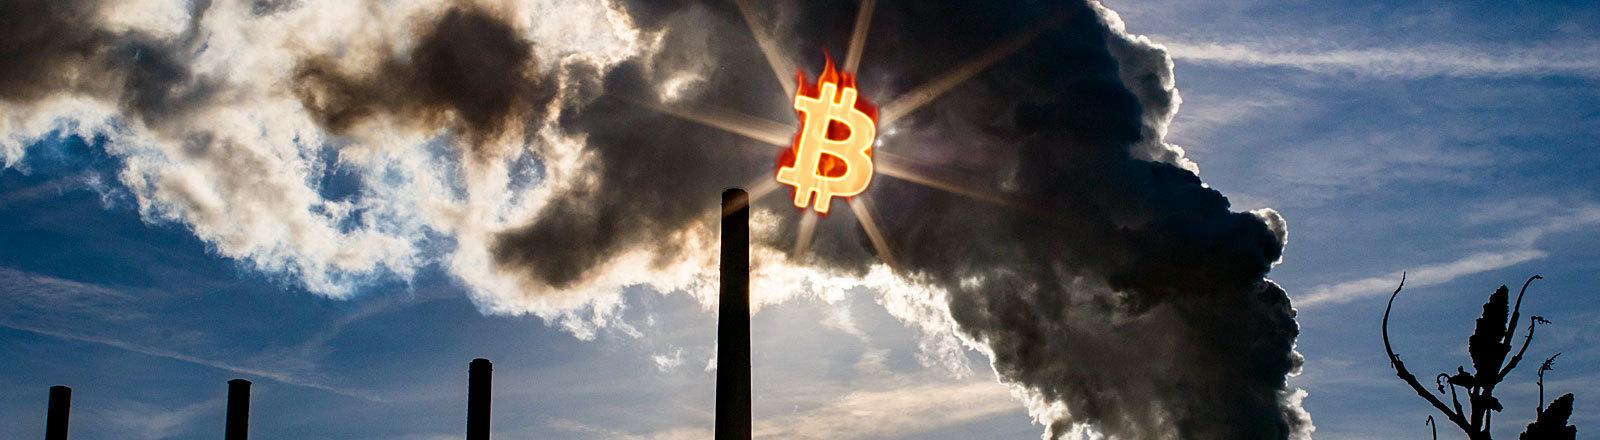 Kohlekraftwerk, Bitcoin-Logo vor der Sonne